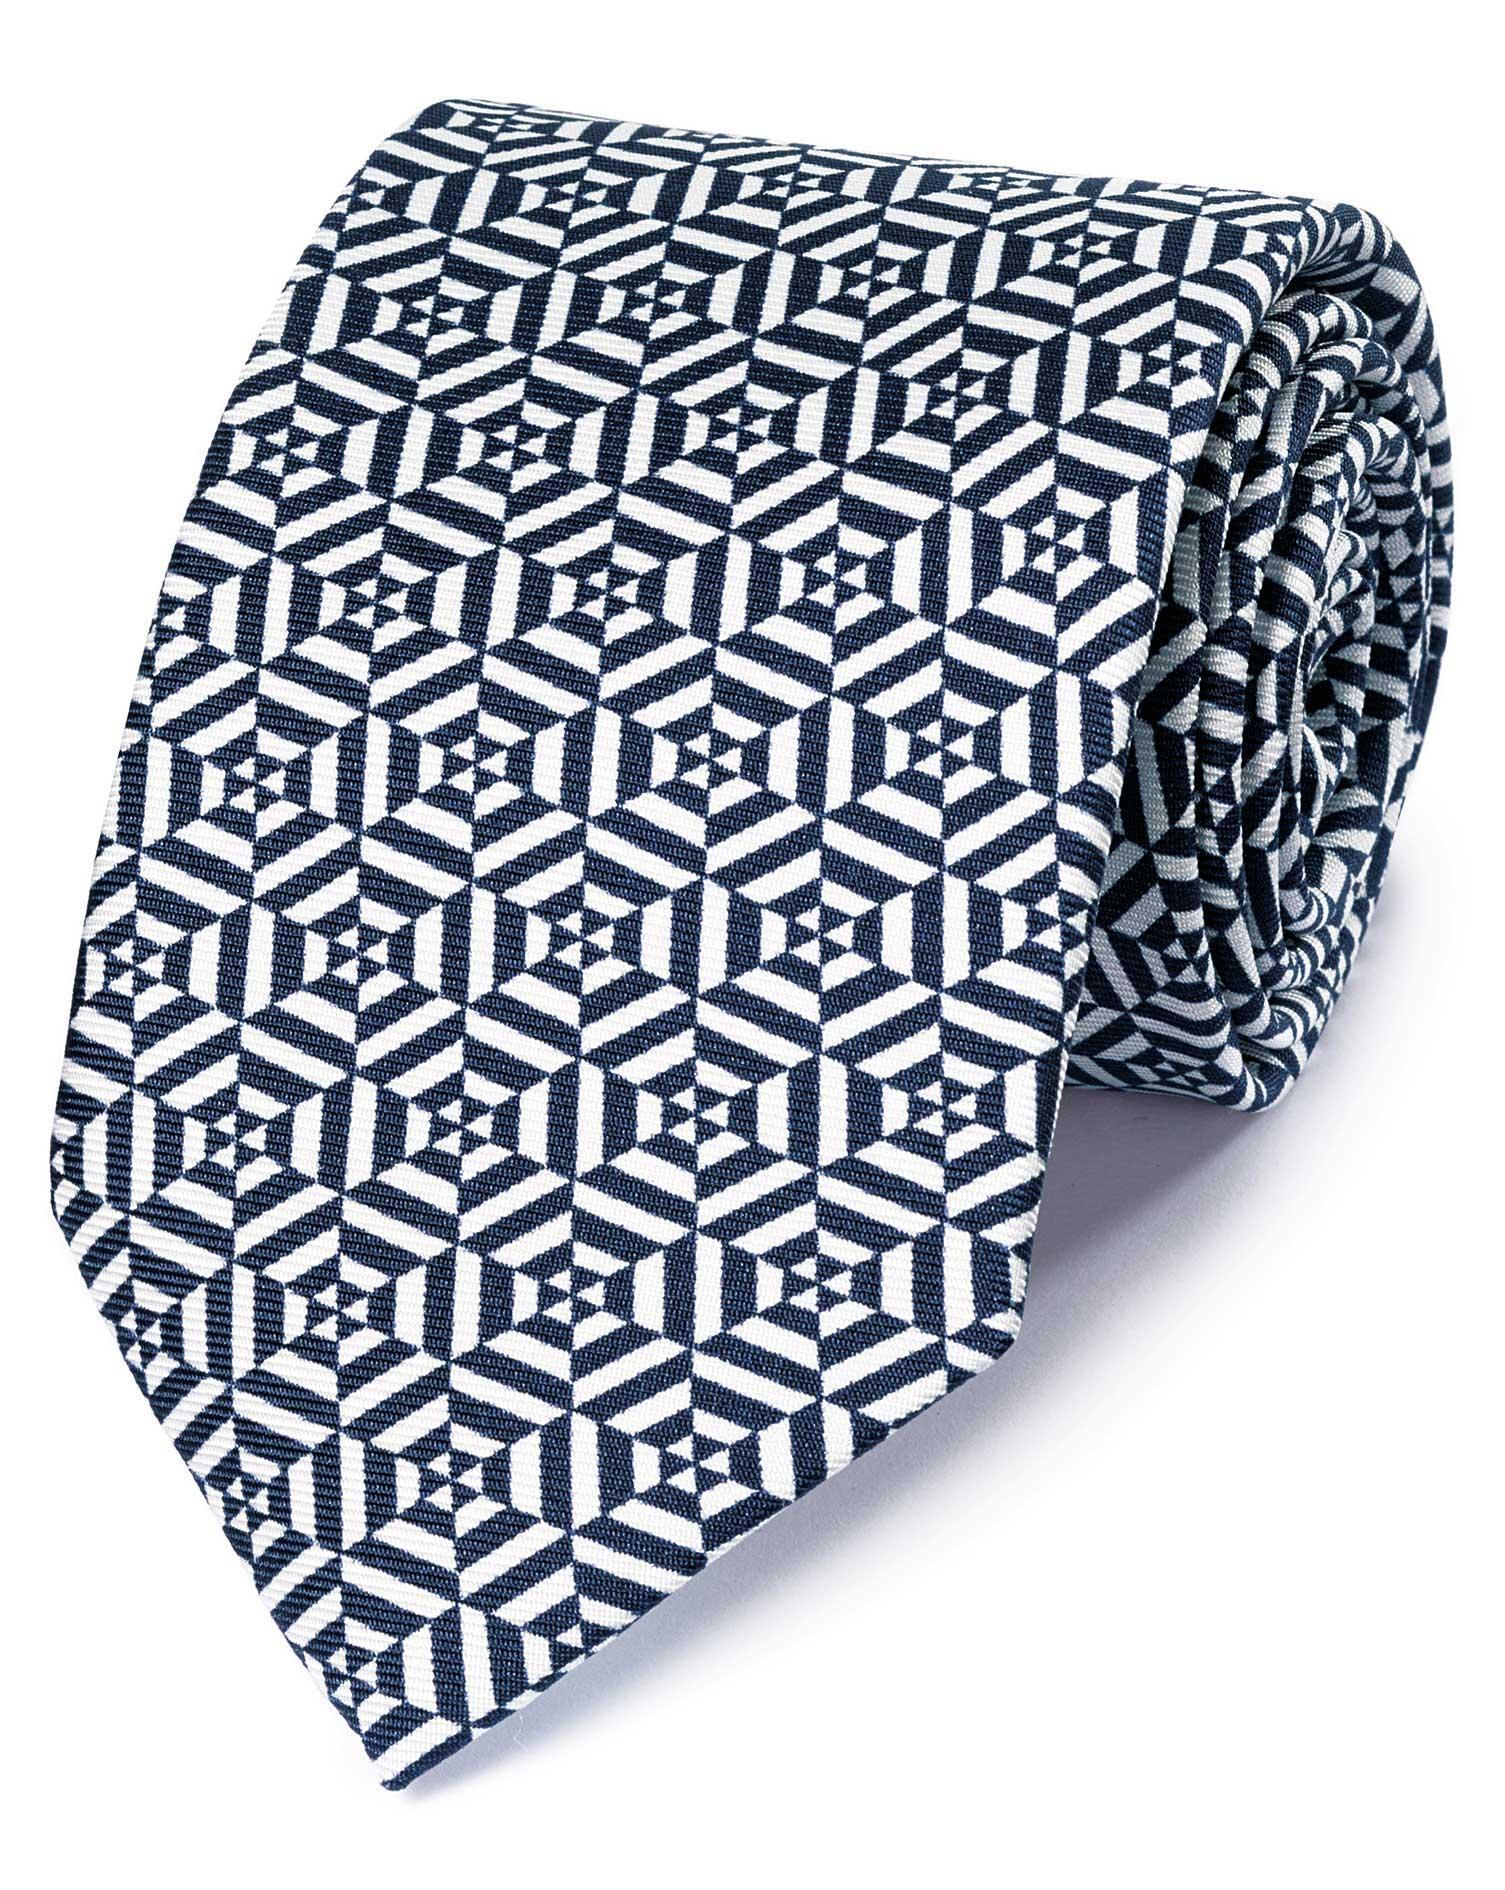 cravate de luxe bleu marine et blanche en soie anglaise motif g om trique charles tyrwhitt. Black Bedroom Furniture Sets. Home Design Ideas